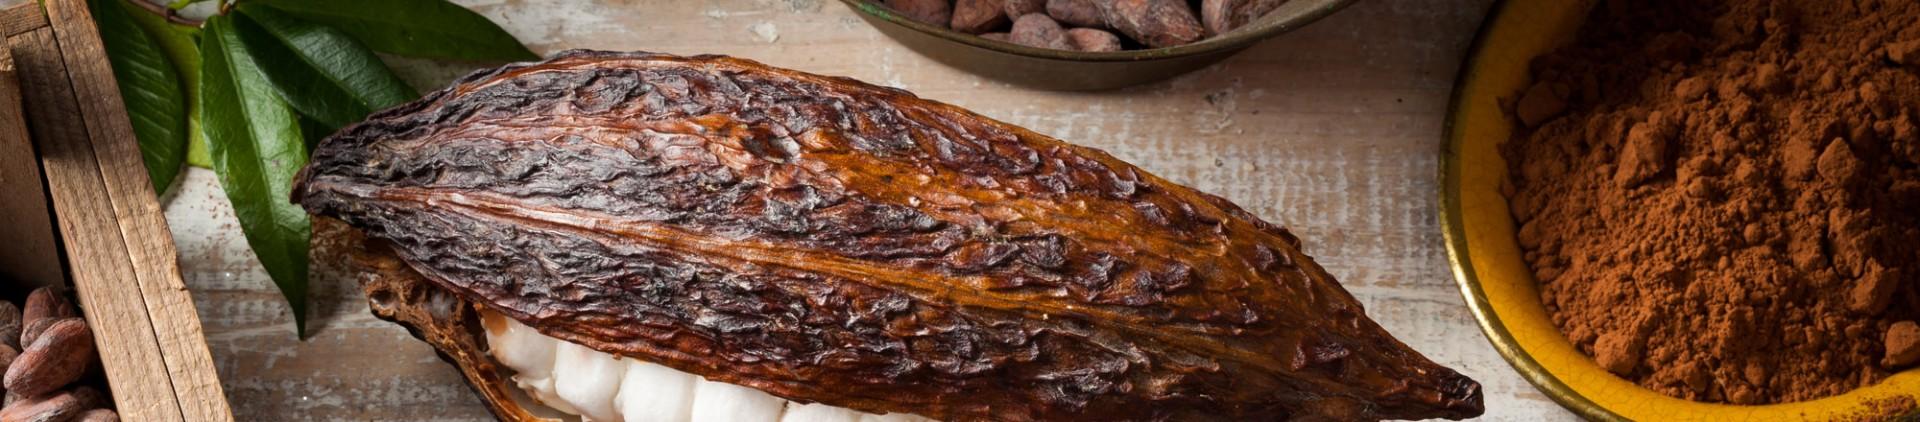 Les producteurs - Route du chocolat en province de Liège